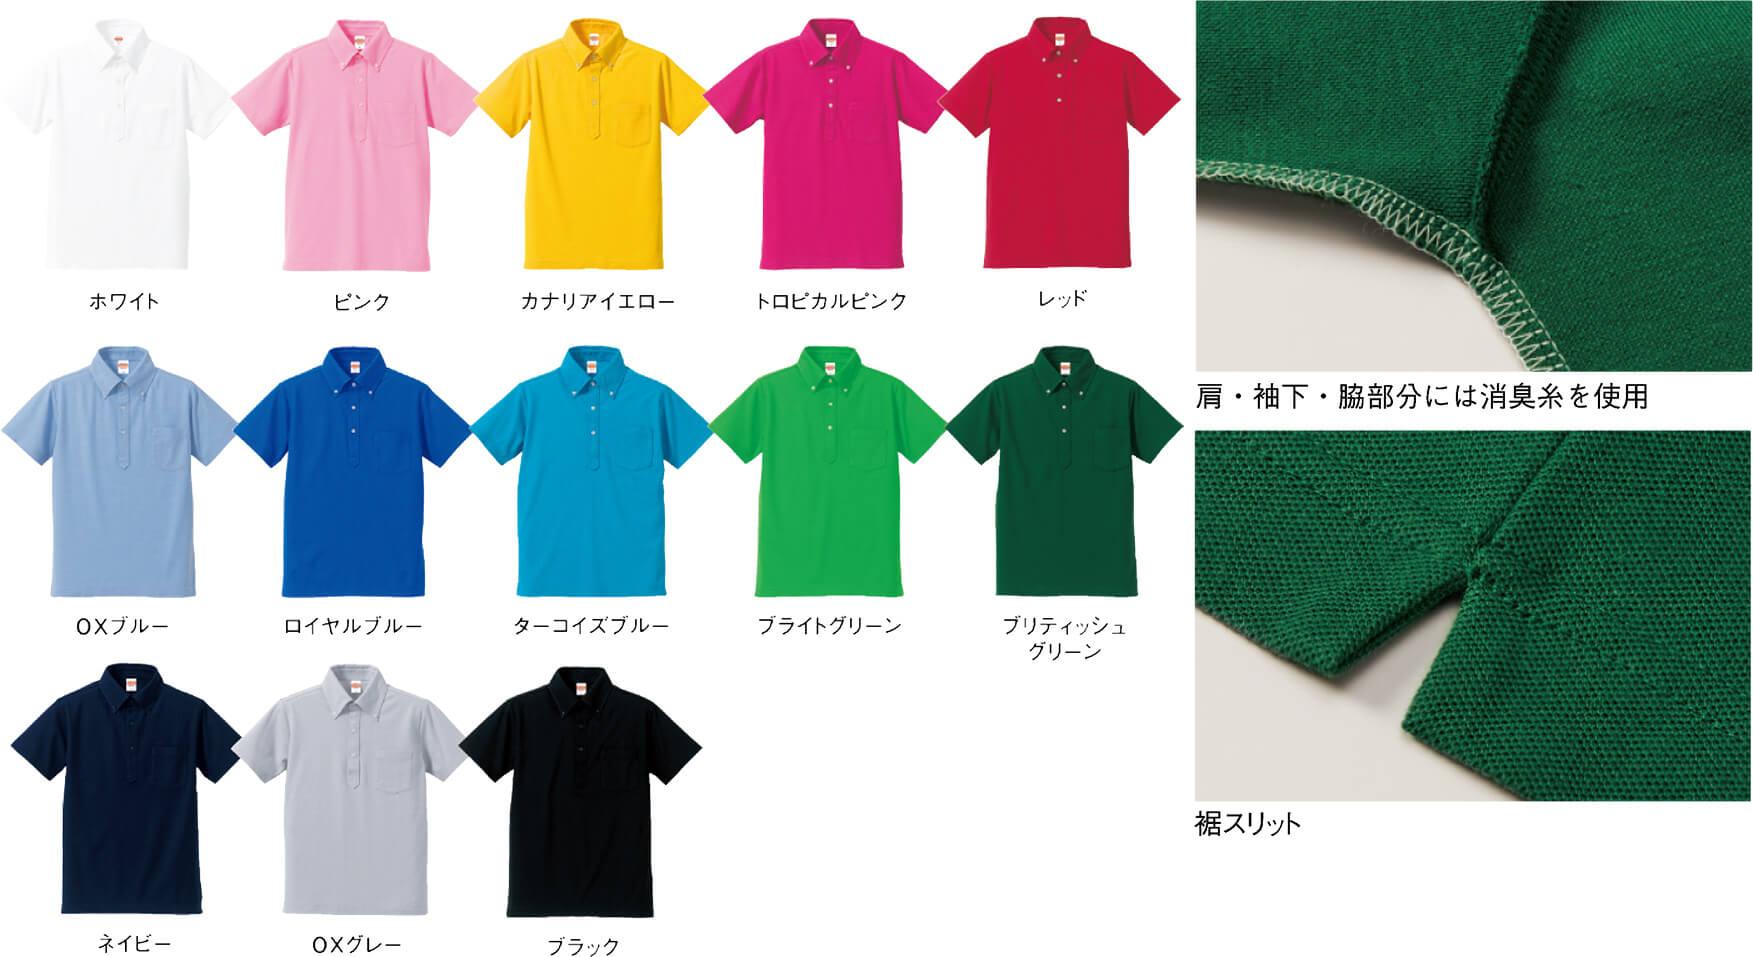 ポロシャツの特徴と全色紹介